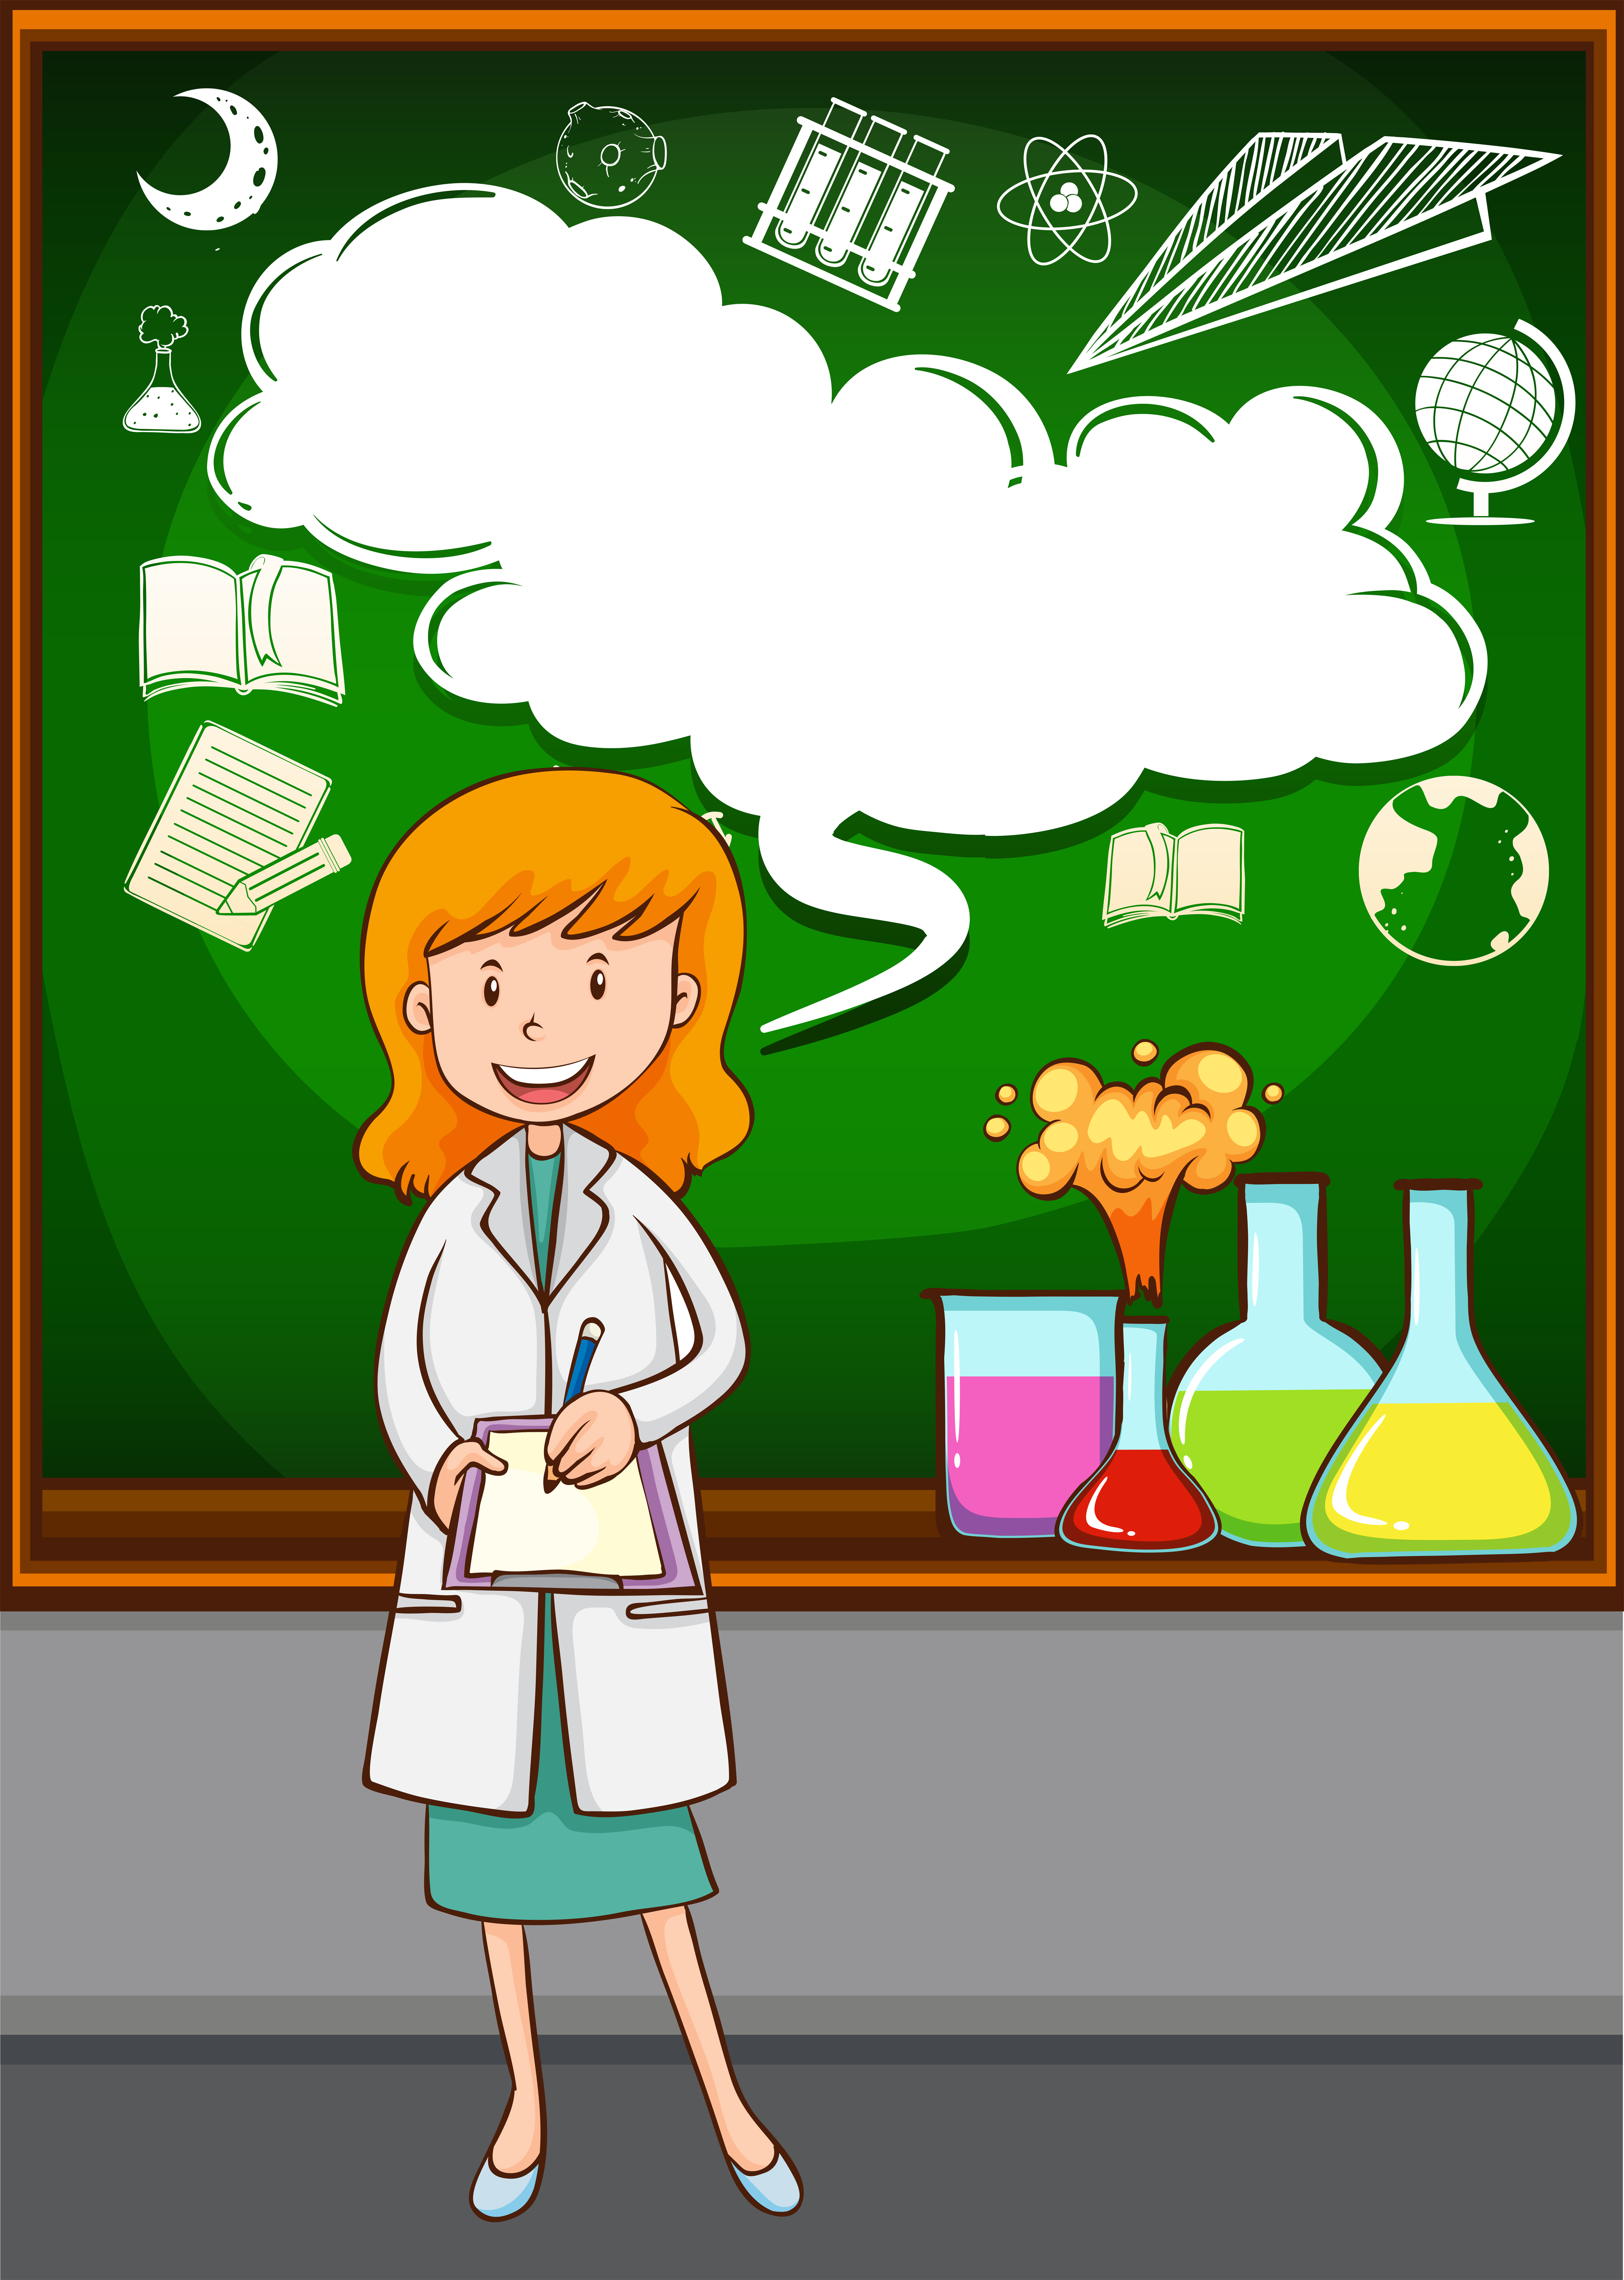 Science teacher teaching at school - Download Free Vectors ... (3959 x 5557 Pixel)